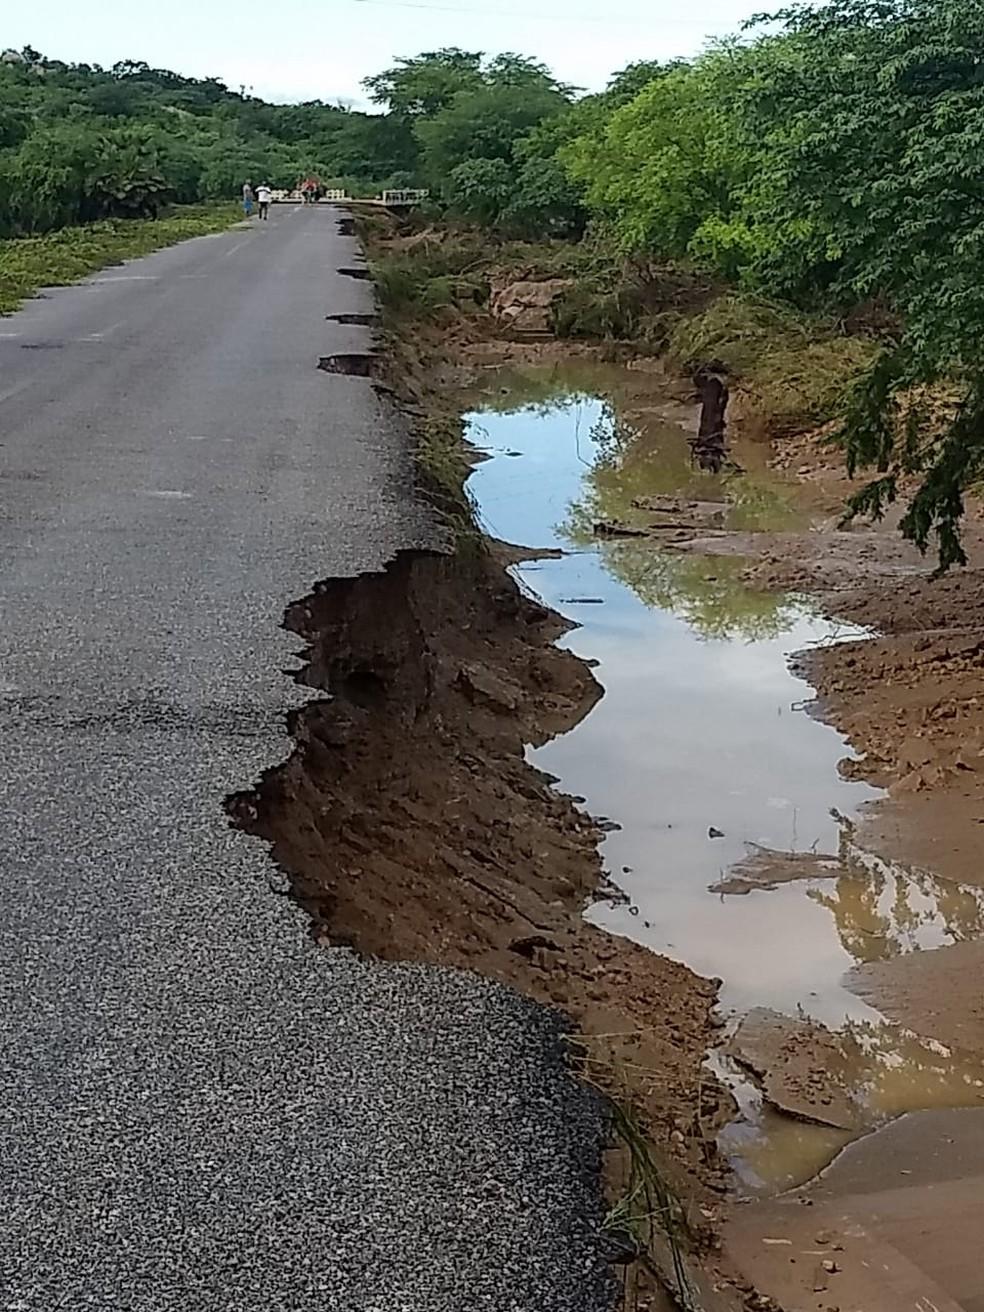 Parte da RN-041 também foi sanificada pela força do Rio São Miguel em Santana do Matos — Foto: Defesa Civil de Santana do Matos